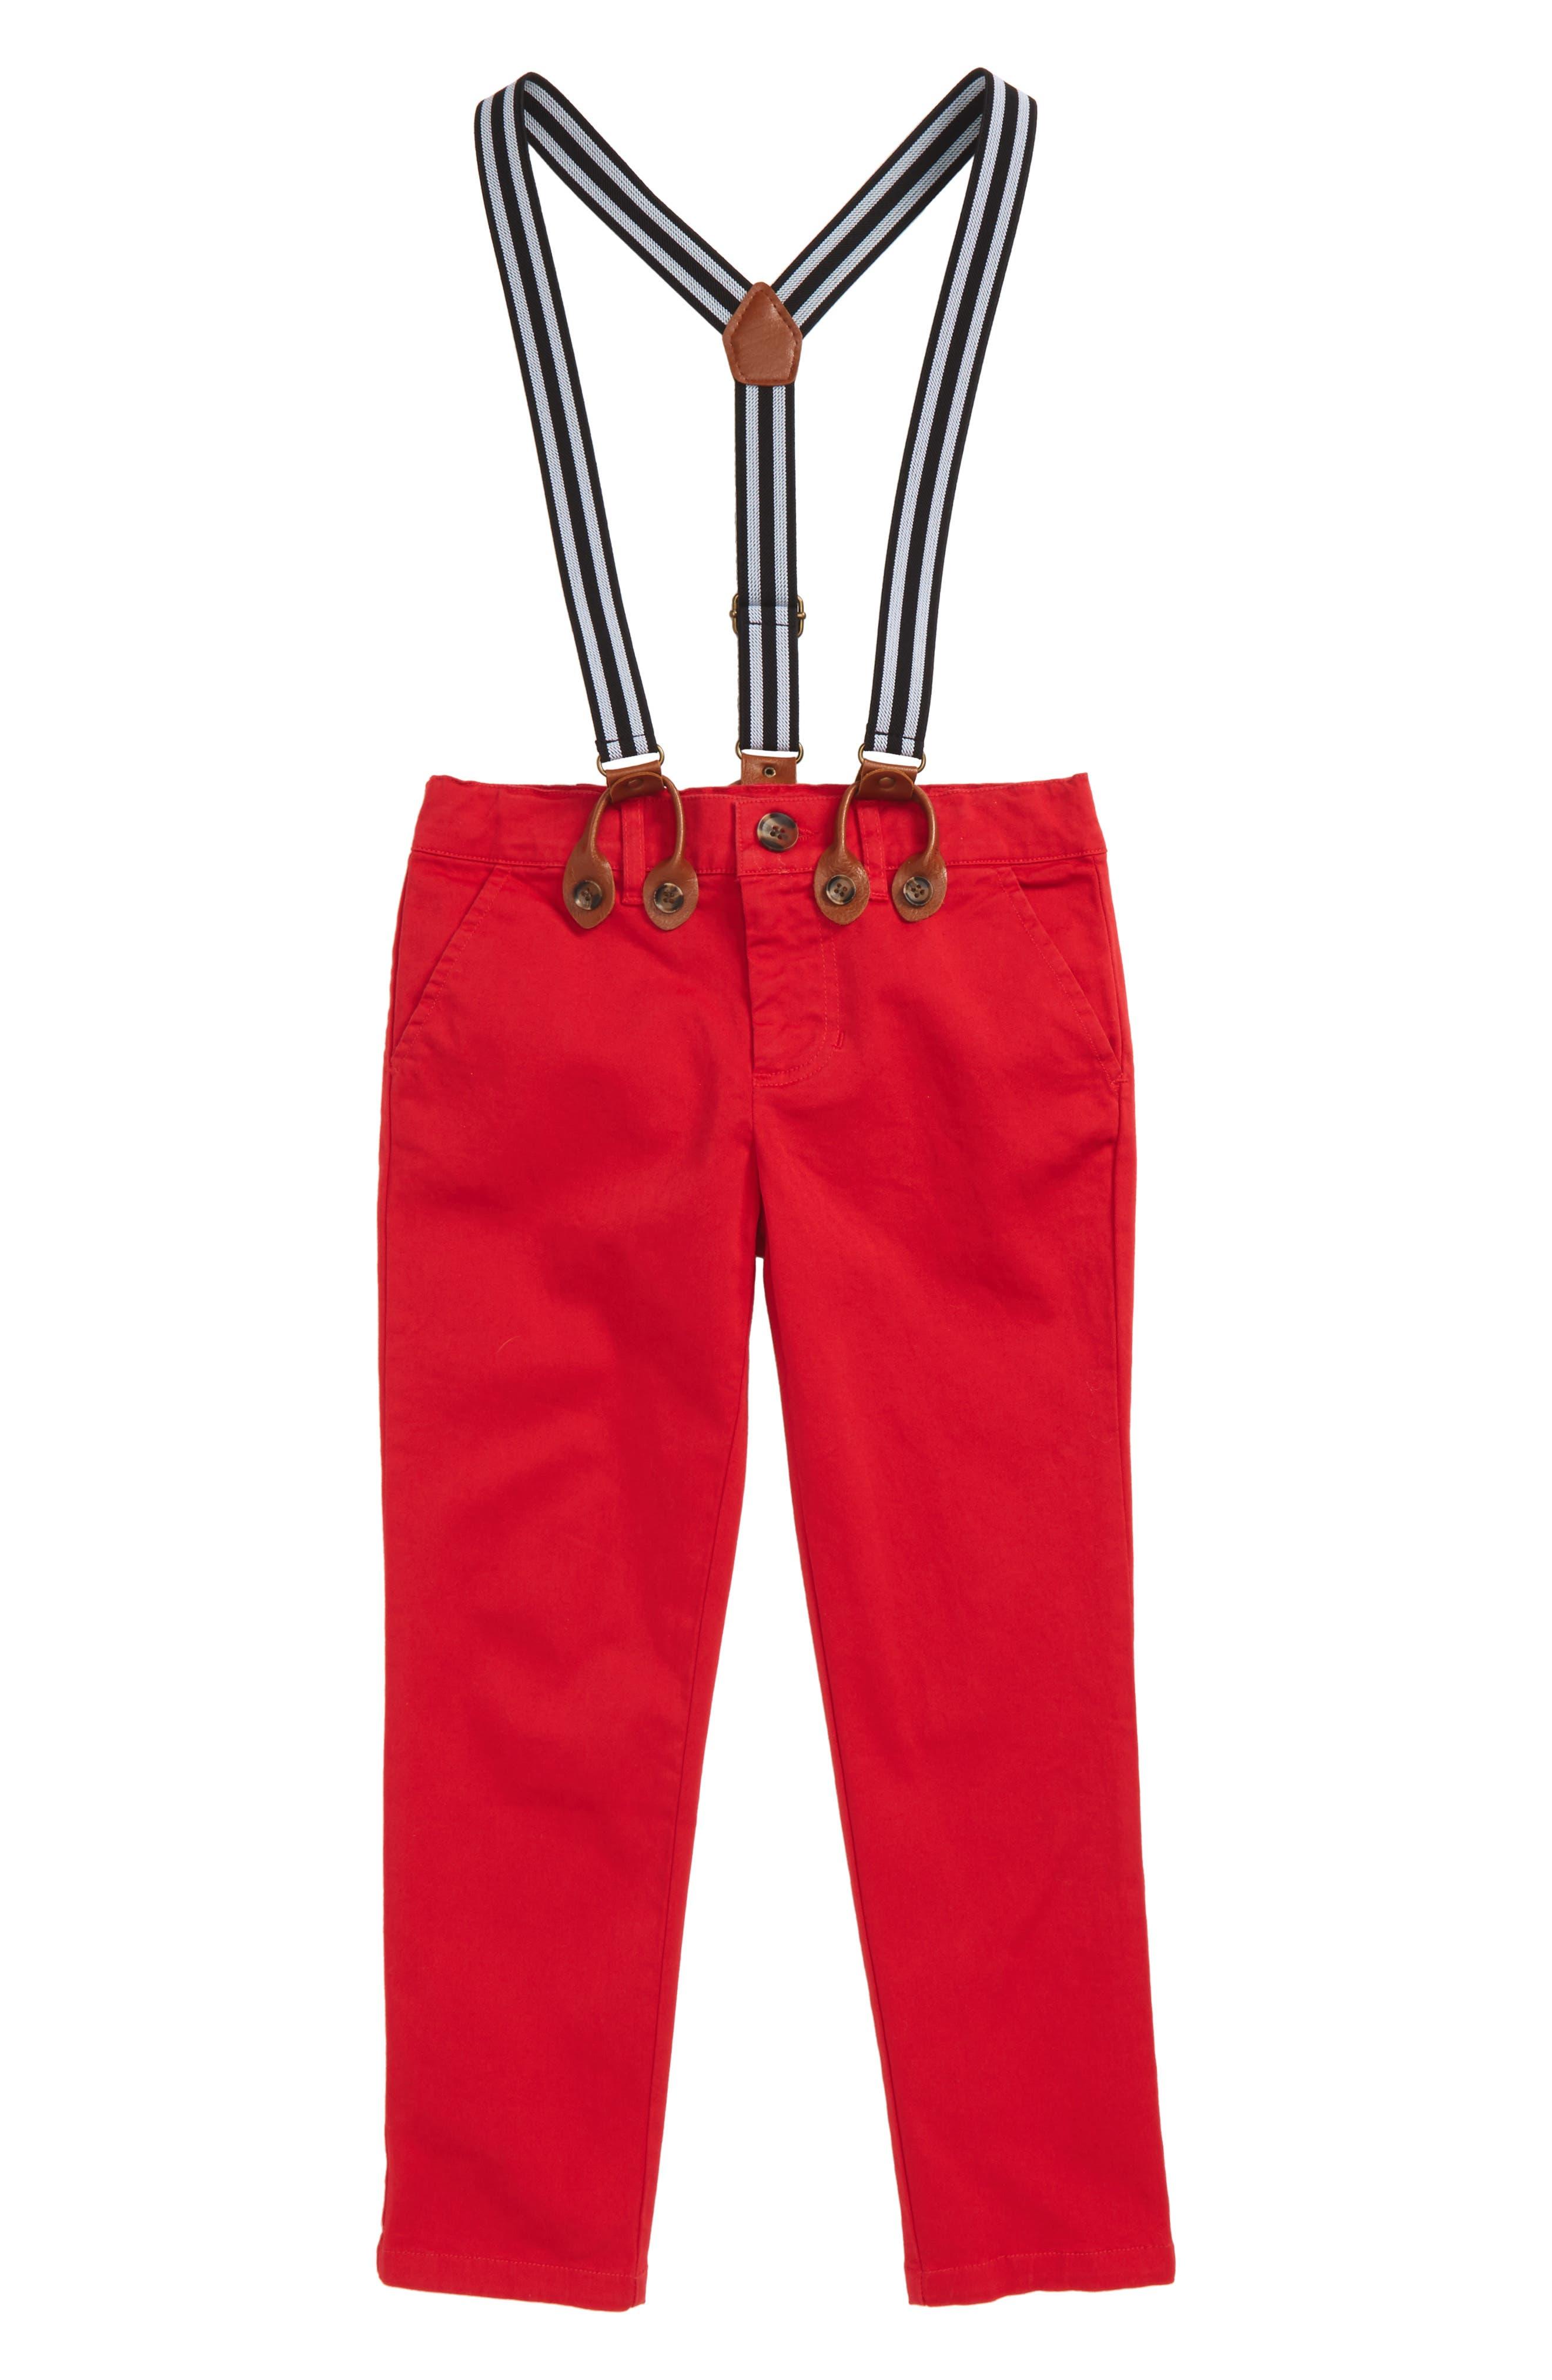 Basic Chino Pants & Suspenders,                             Main thumbnail 1, color,                             620